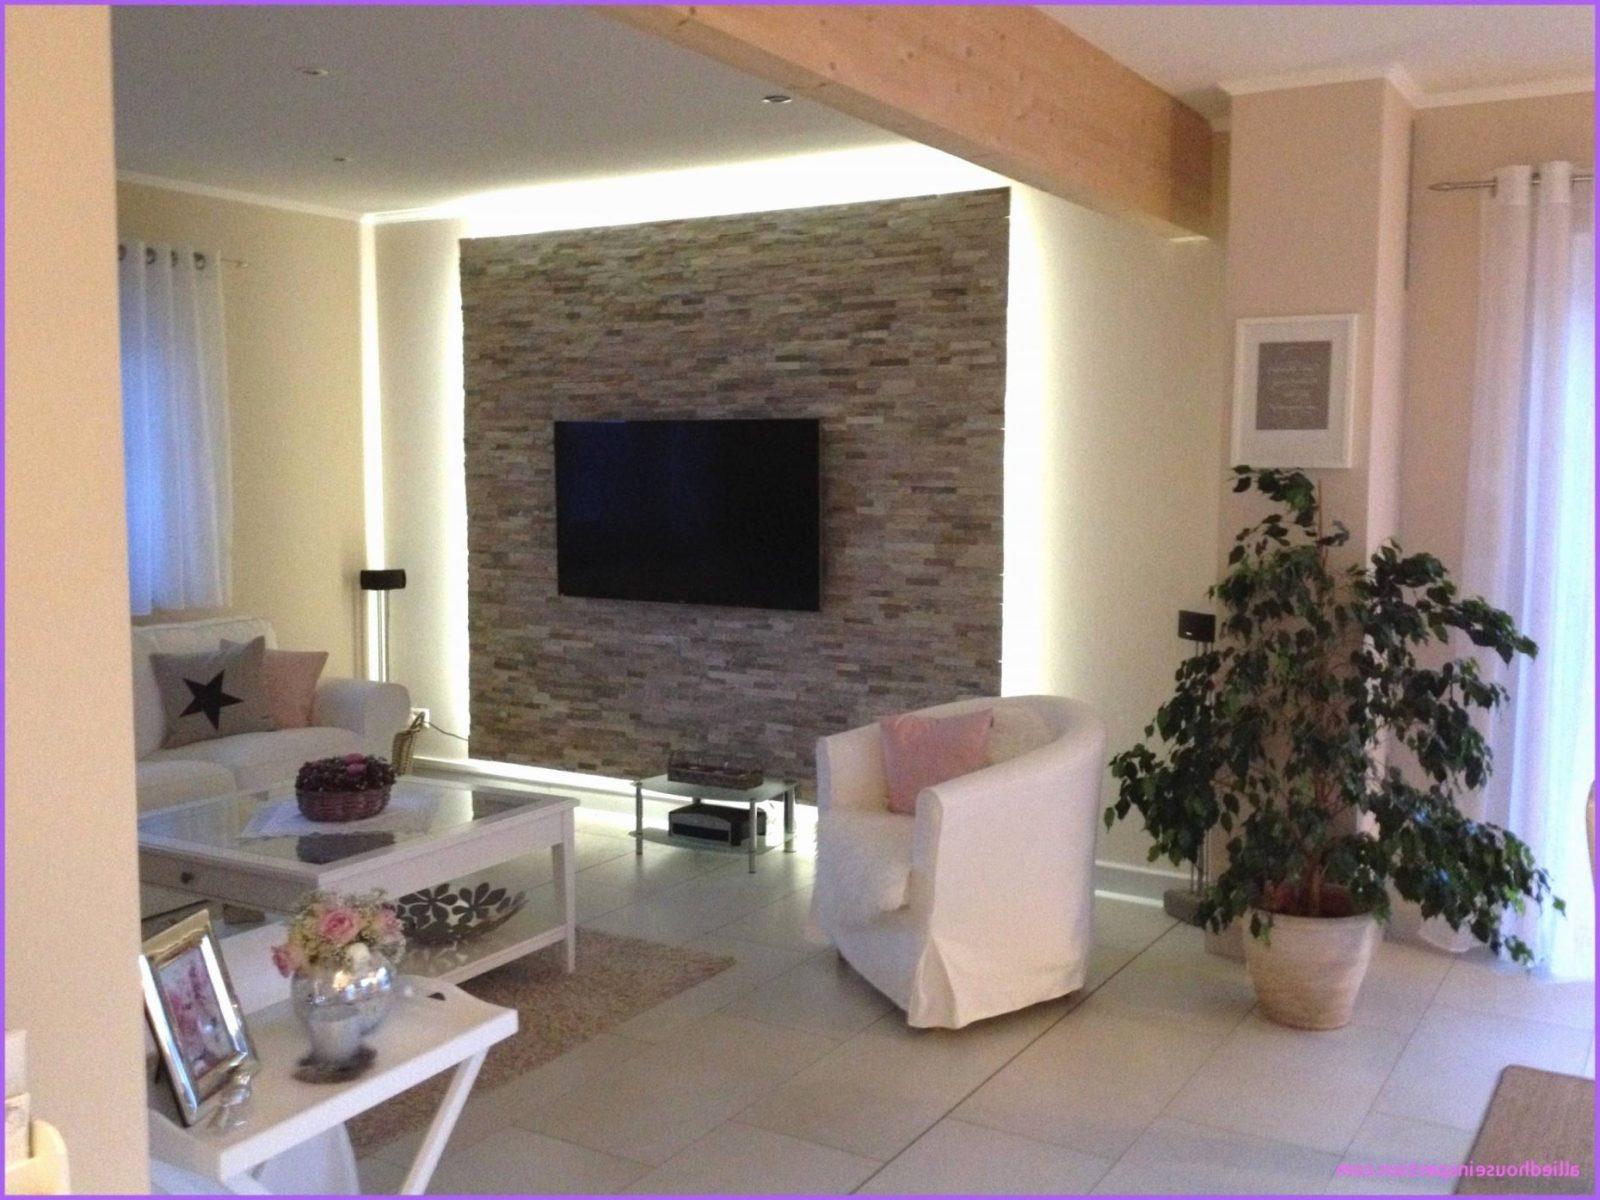 Luxus Esszimmer Tapete Modern Einzigartig Tapeten Wohnzimmer Ideen von Tapeten Wohnzimmer Ideen 2016 Bild